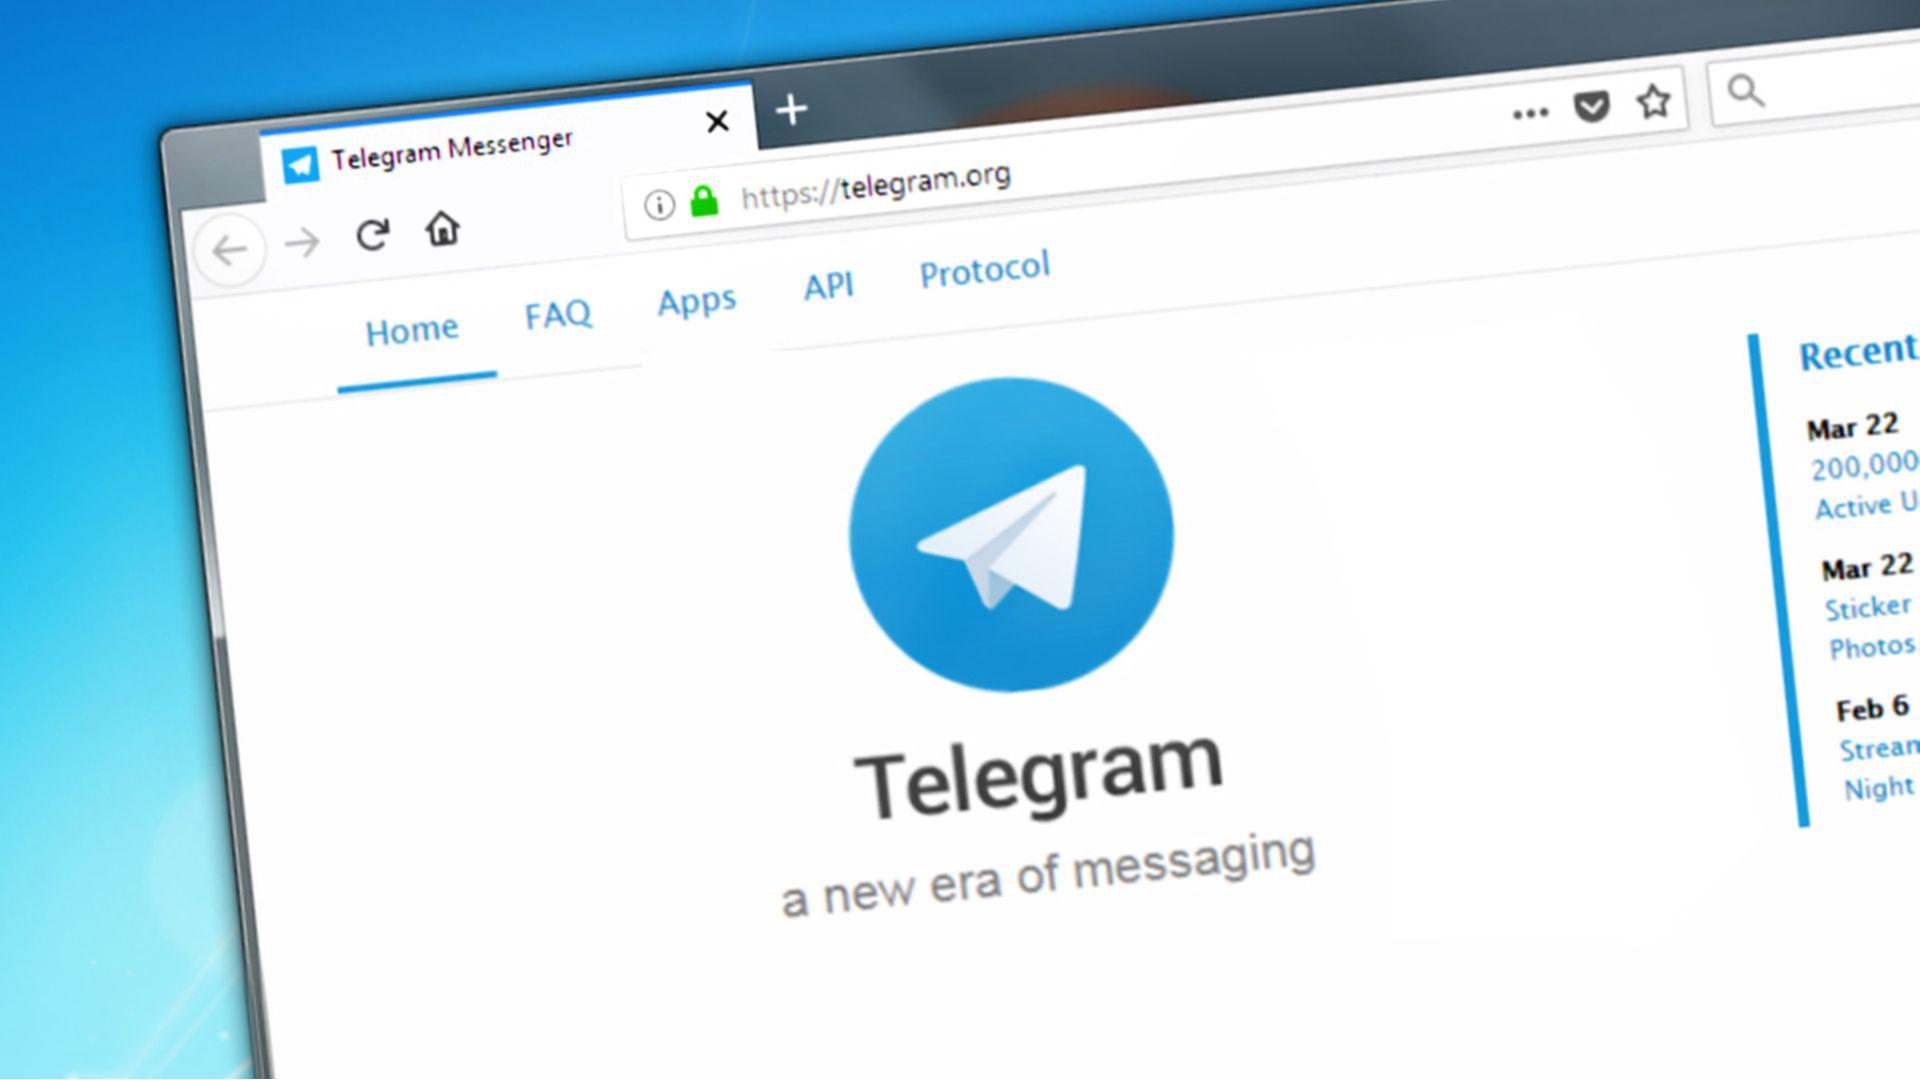 É possível baixar o app em seu dispositivo ou apenas acessar o link do Telegram Web. (Fonte: Shutterstock)